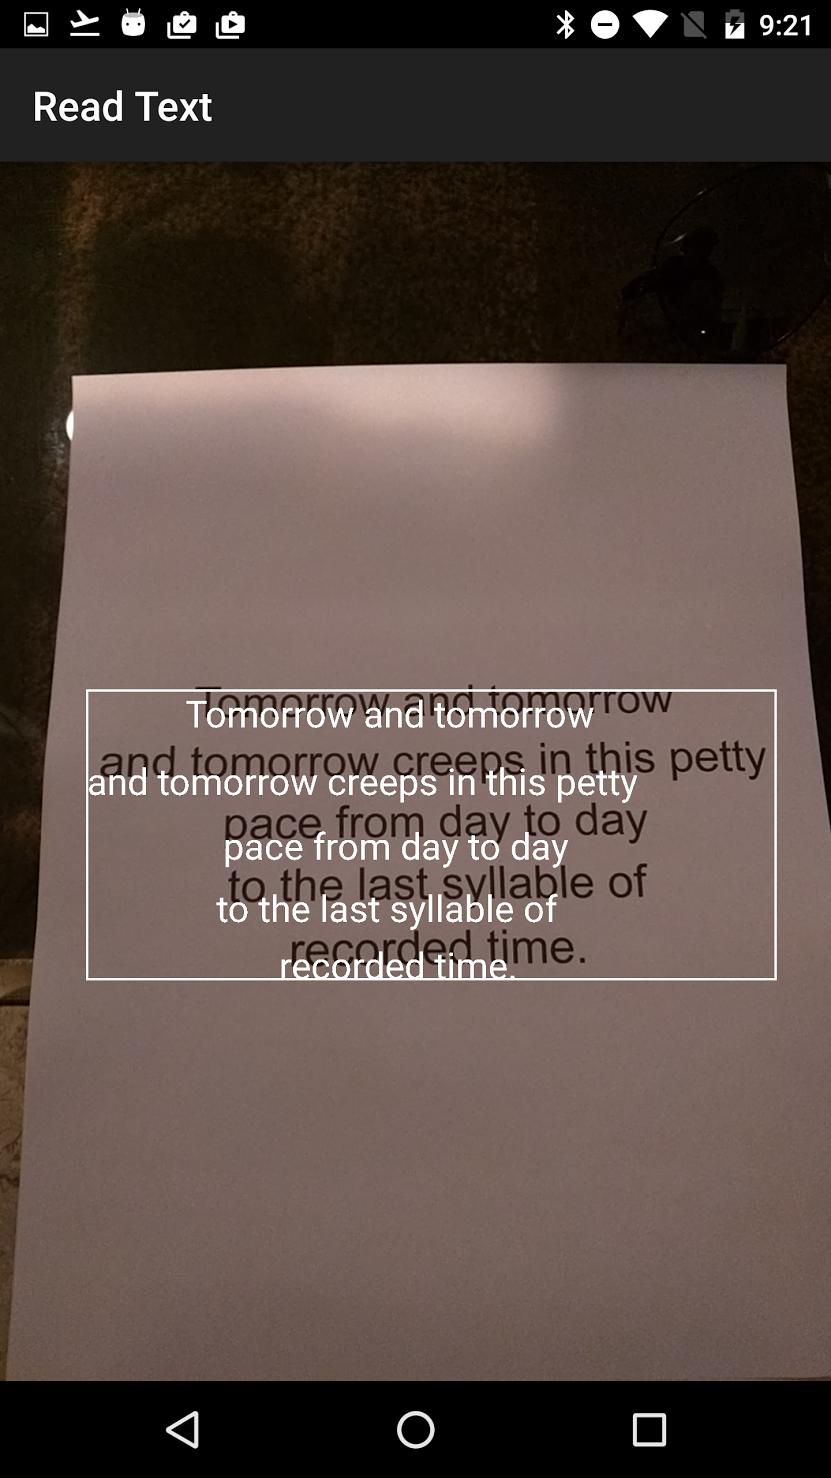 Создание Android приложения для распознавания текста за 10 Минут. Mobile Vision CodeLab